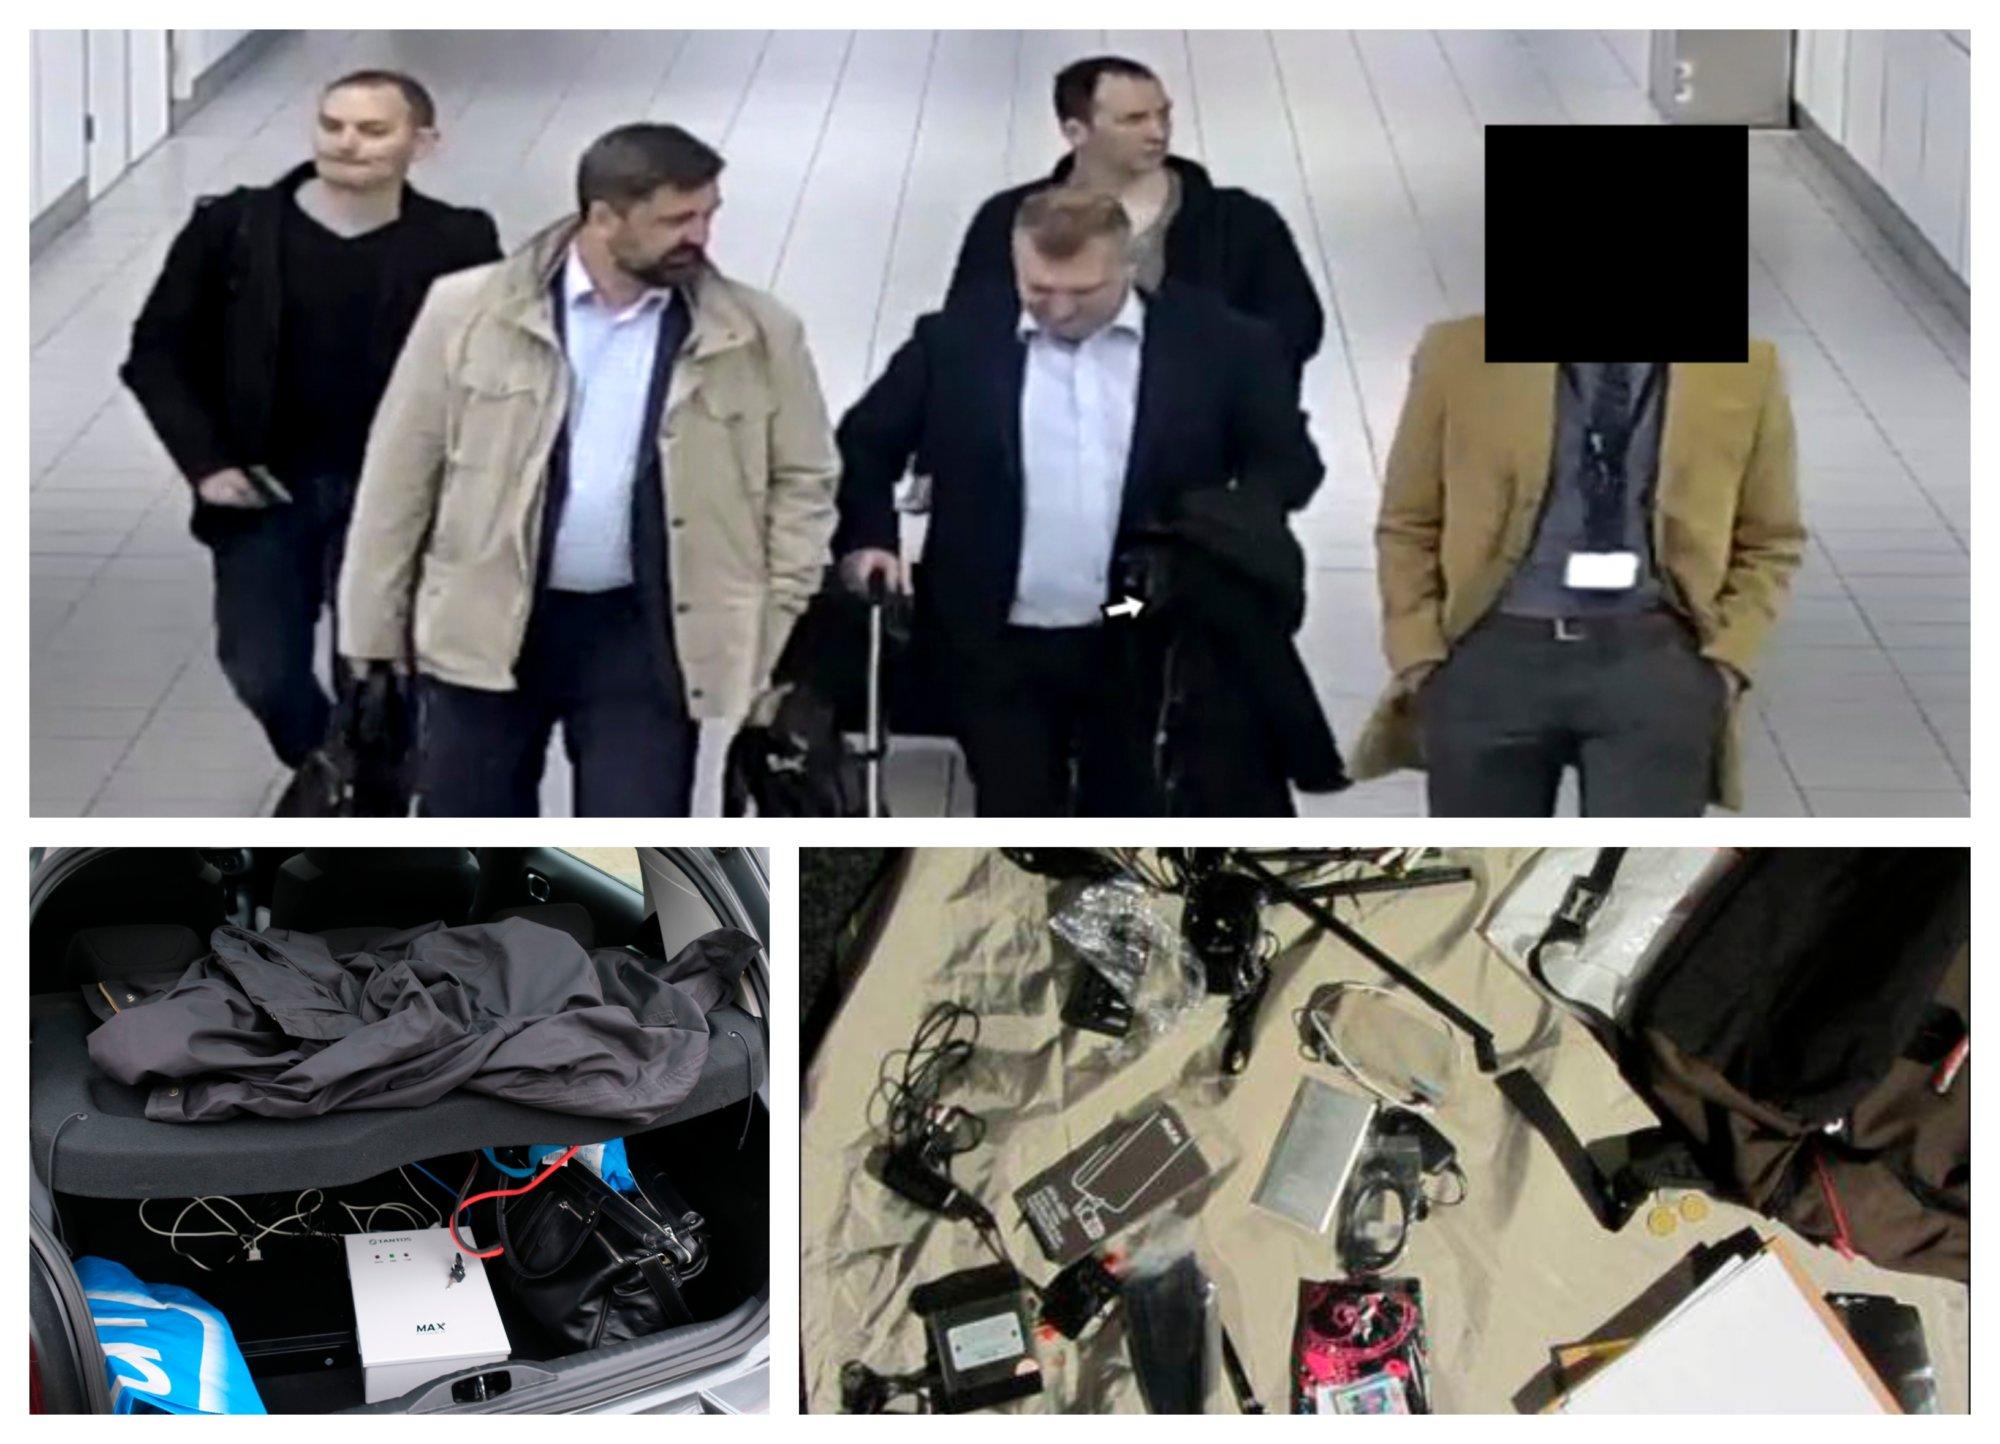 """Holanďania prichytili ruských agentov GRU """"in flagranti"""", slovenská diplomacia situáciu už mesiac analyzuje – Denník N"""